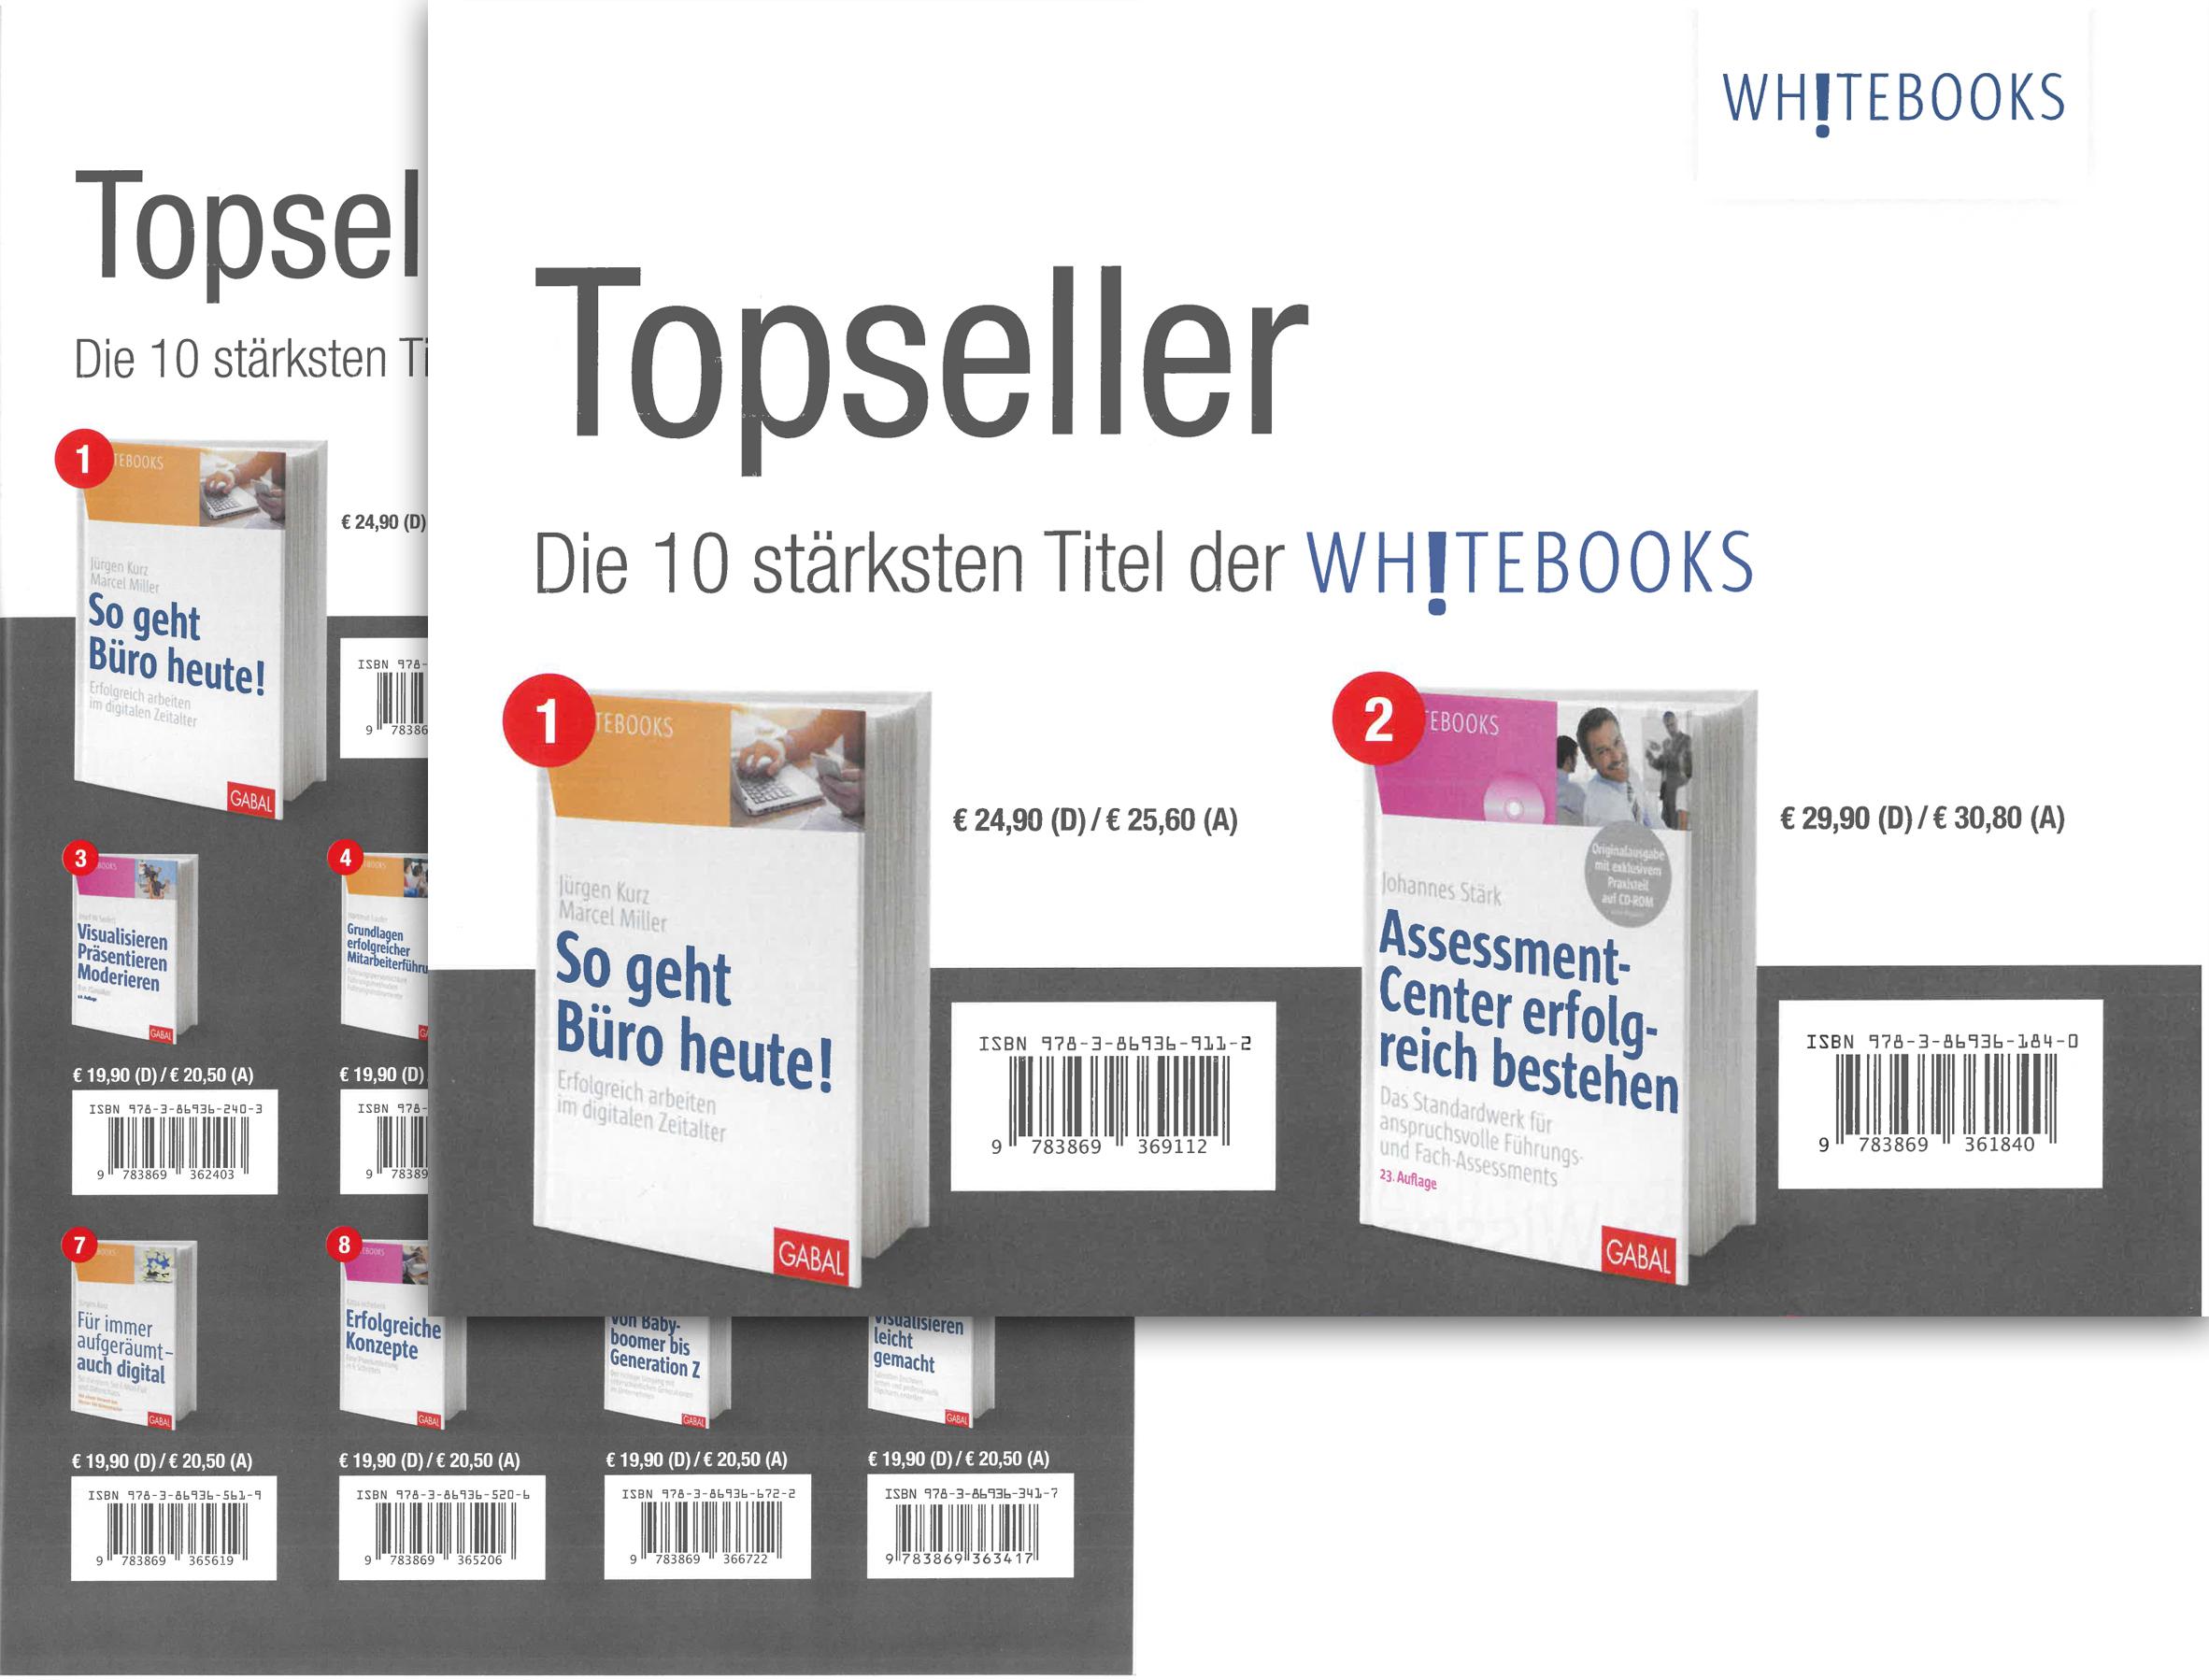 gabal-topseller-buch-so-geht-buero-heute